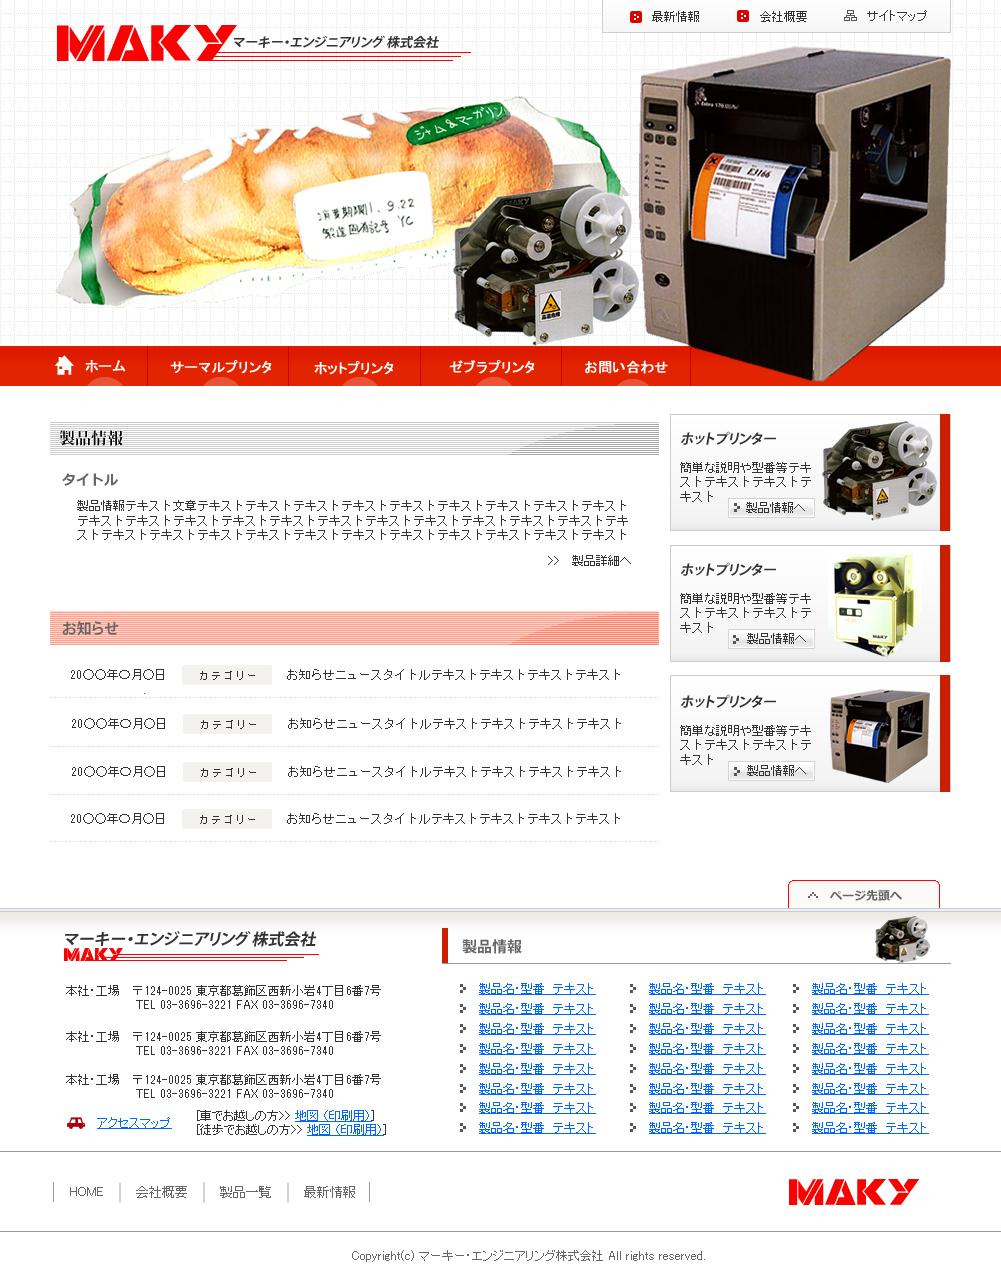 M様/ホームページデザイン